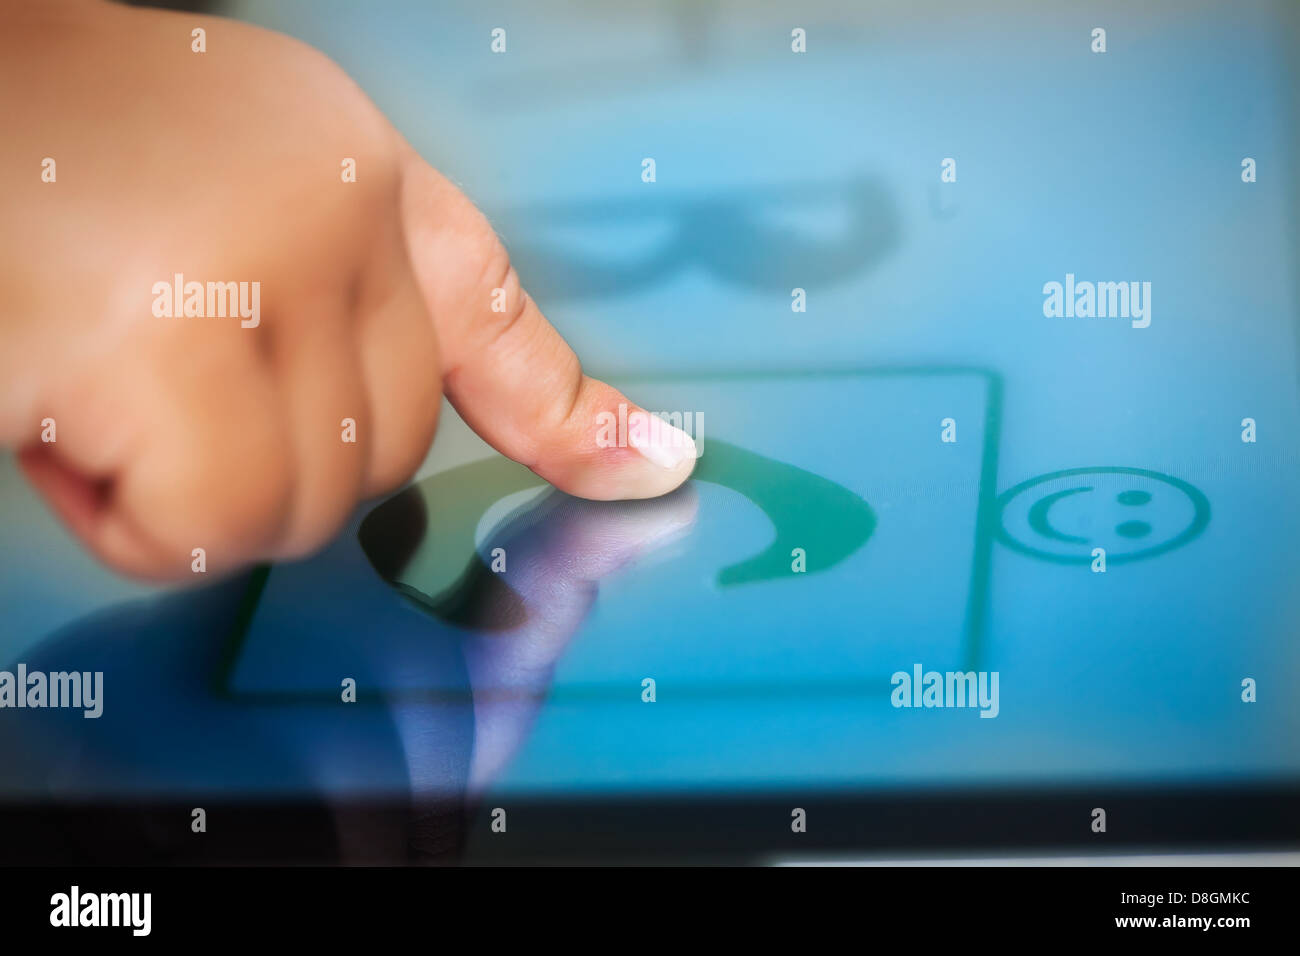 Les tout-petits un doigt sur un écran tactile Tablet l'apprentissage de l'alphabet à l'aide Photo Stock